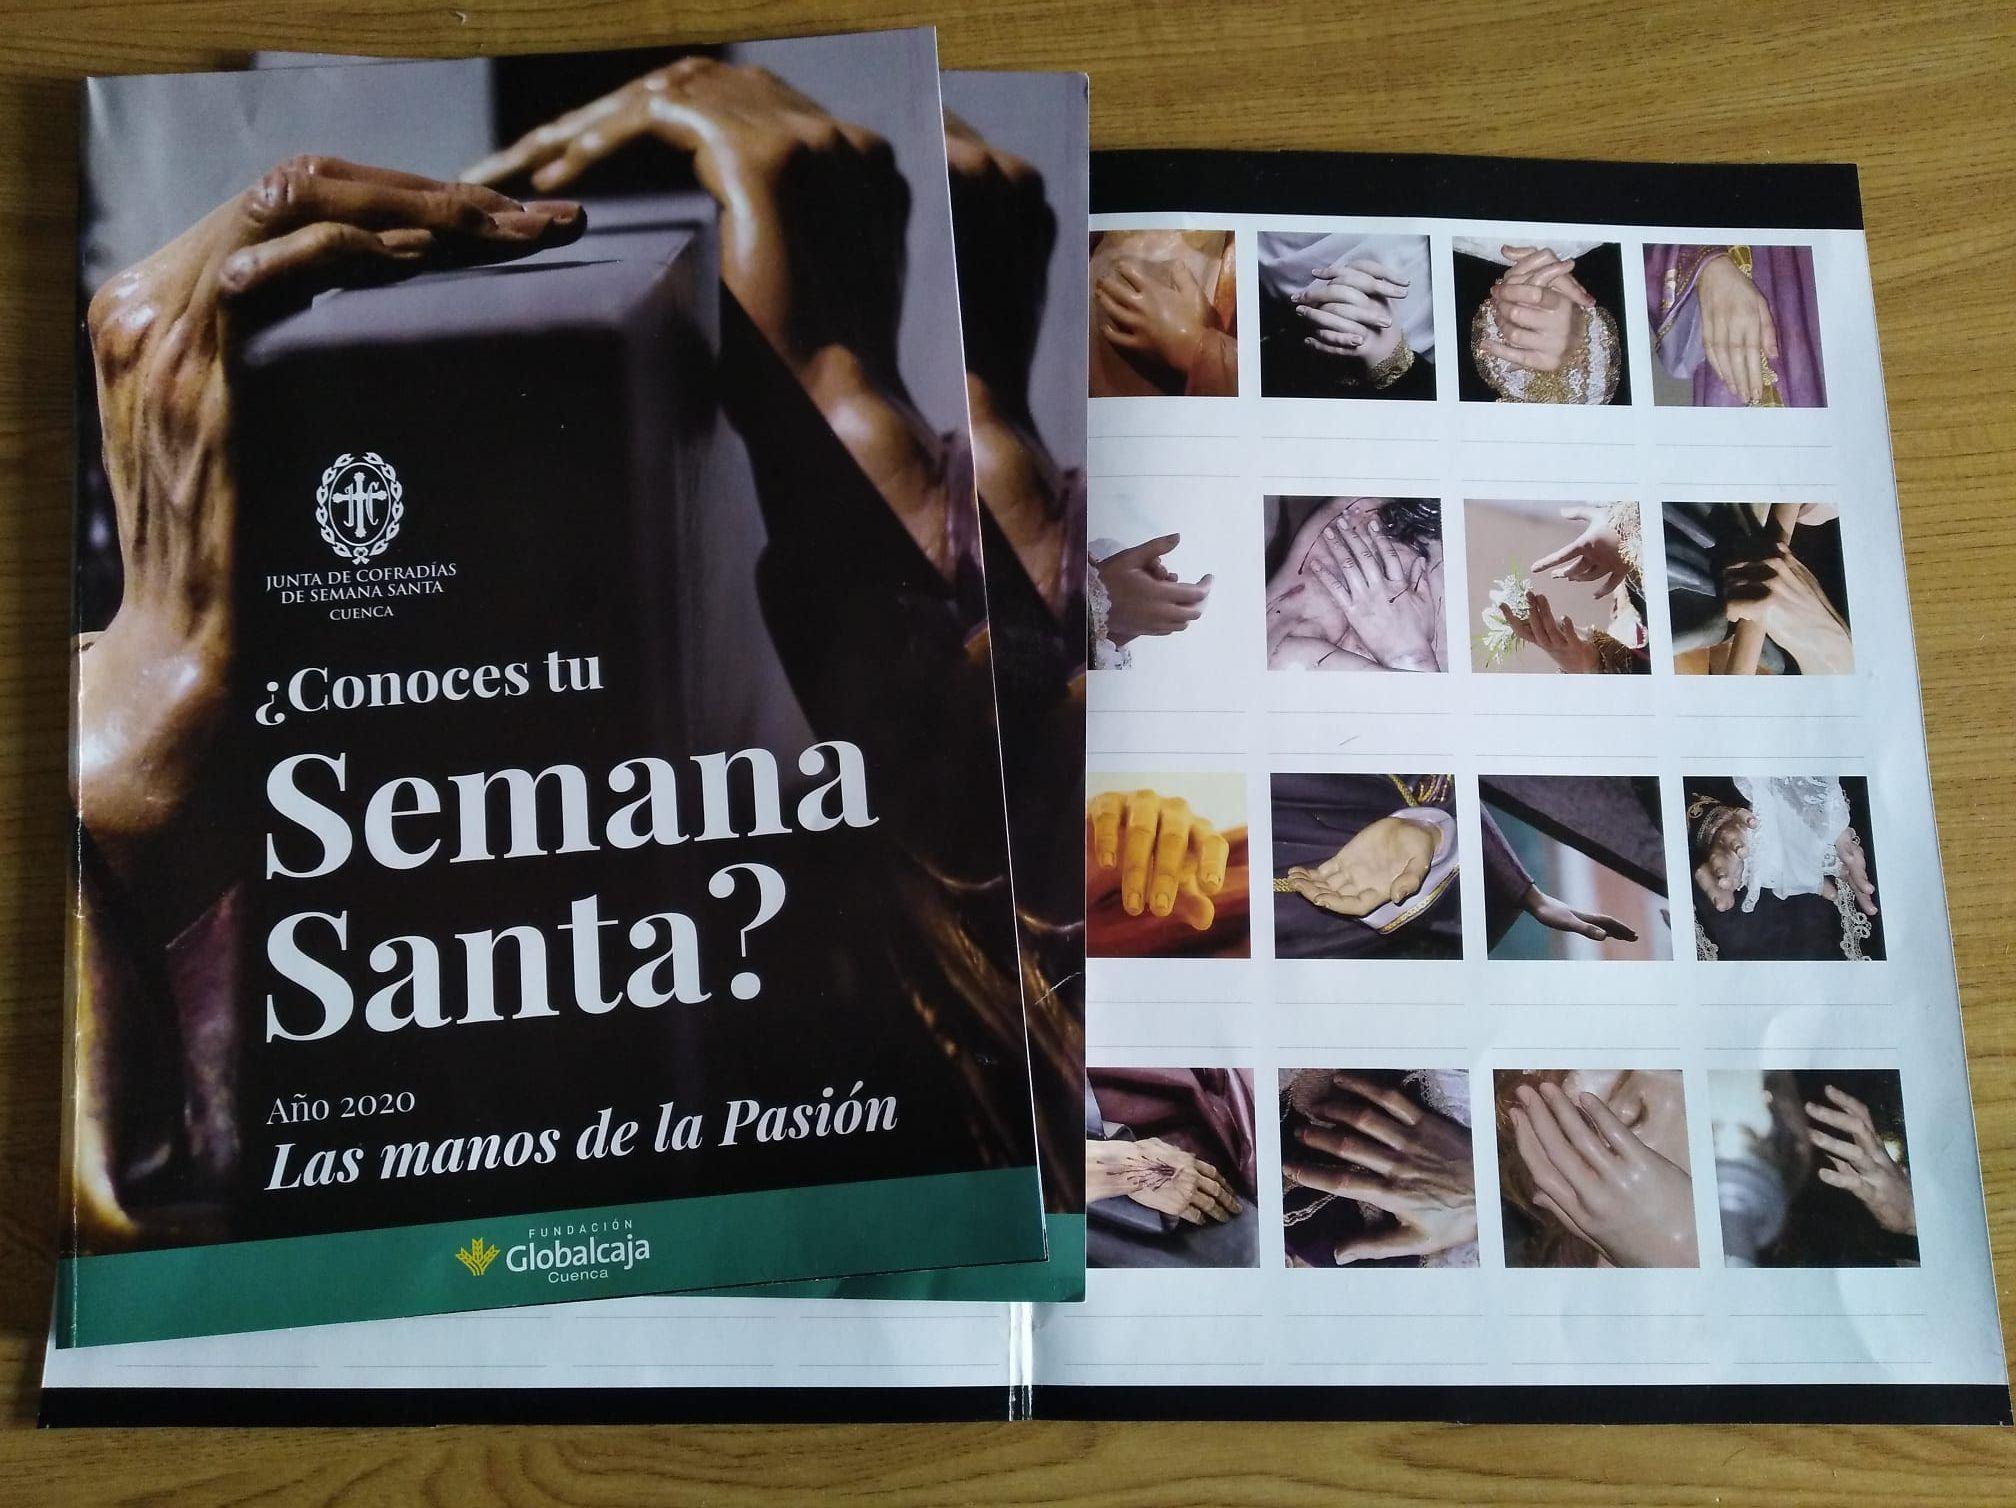 8e15b6b2 15c8 4cd9 84a1 9113b78f4c30 rotated   Informaciones de Cuenca